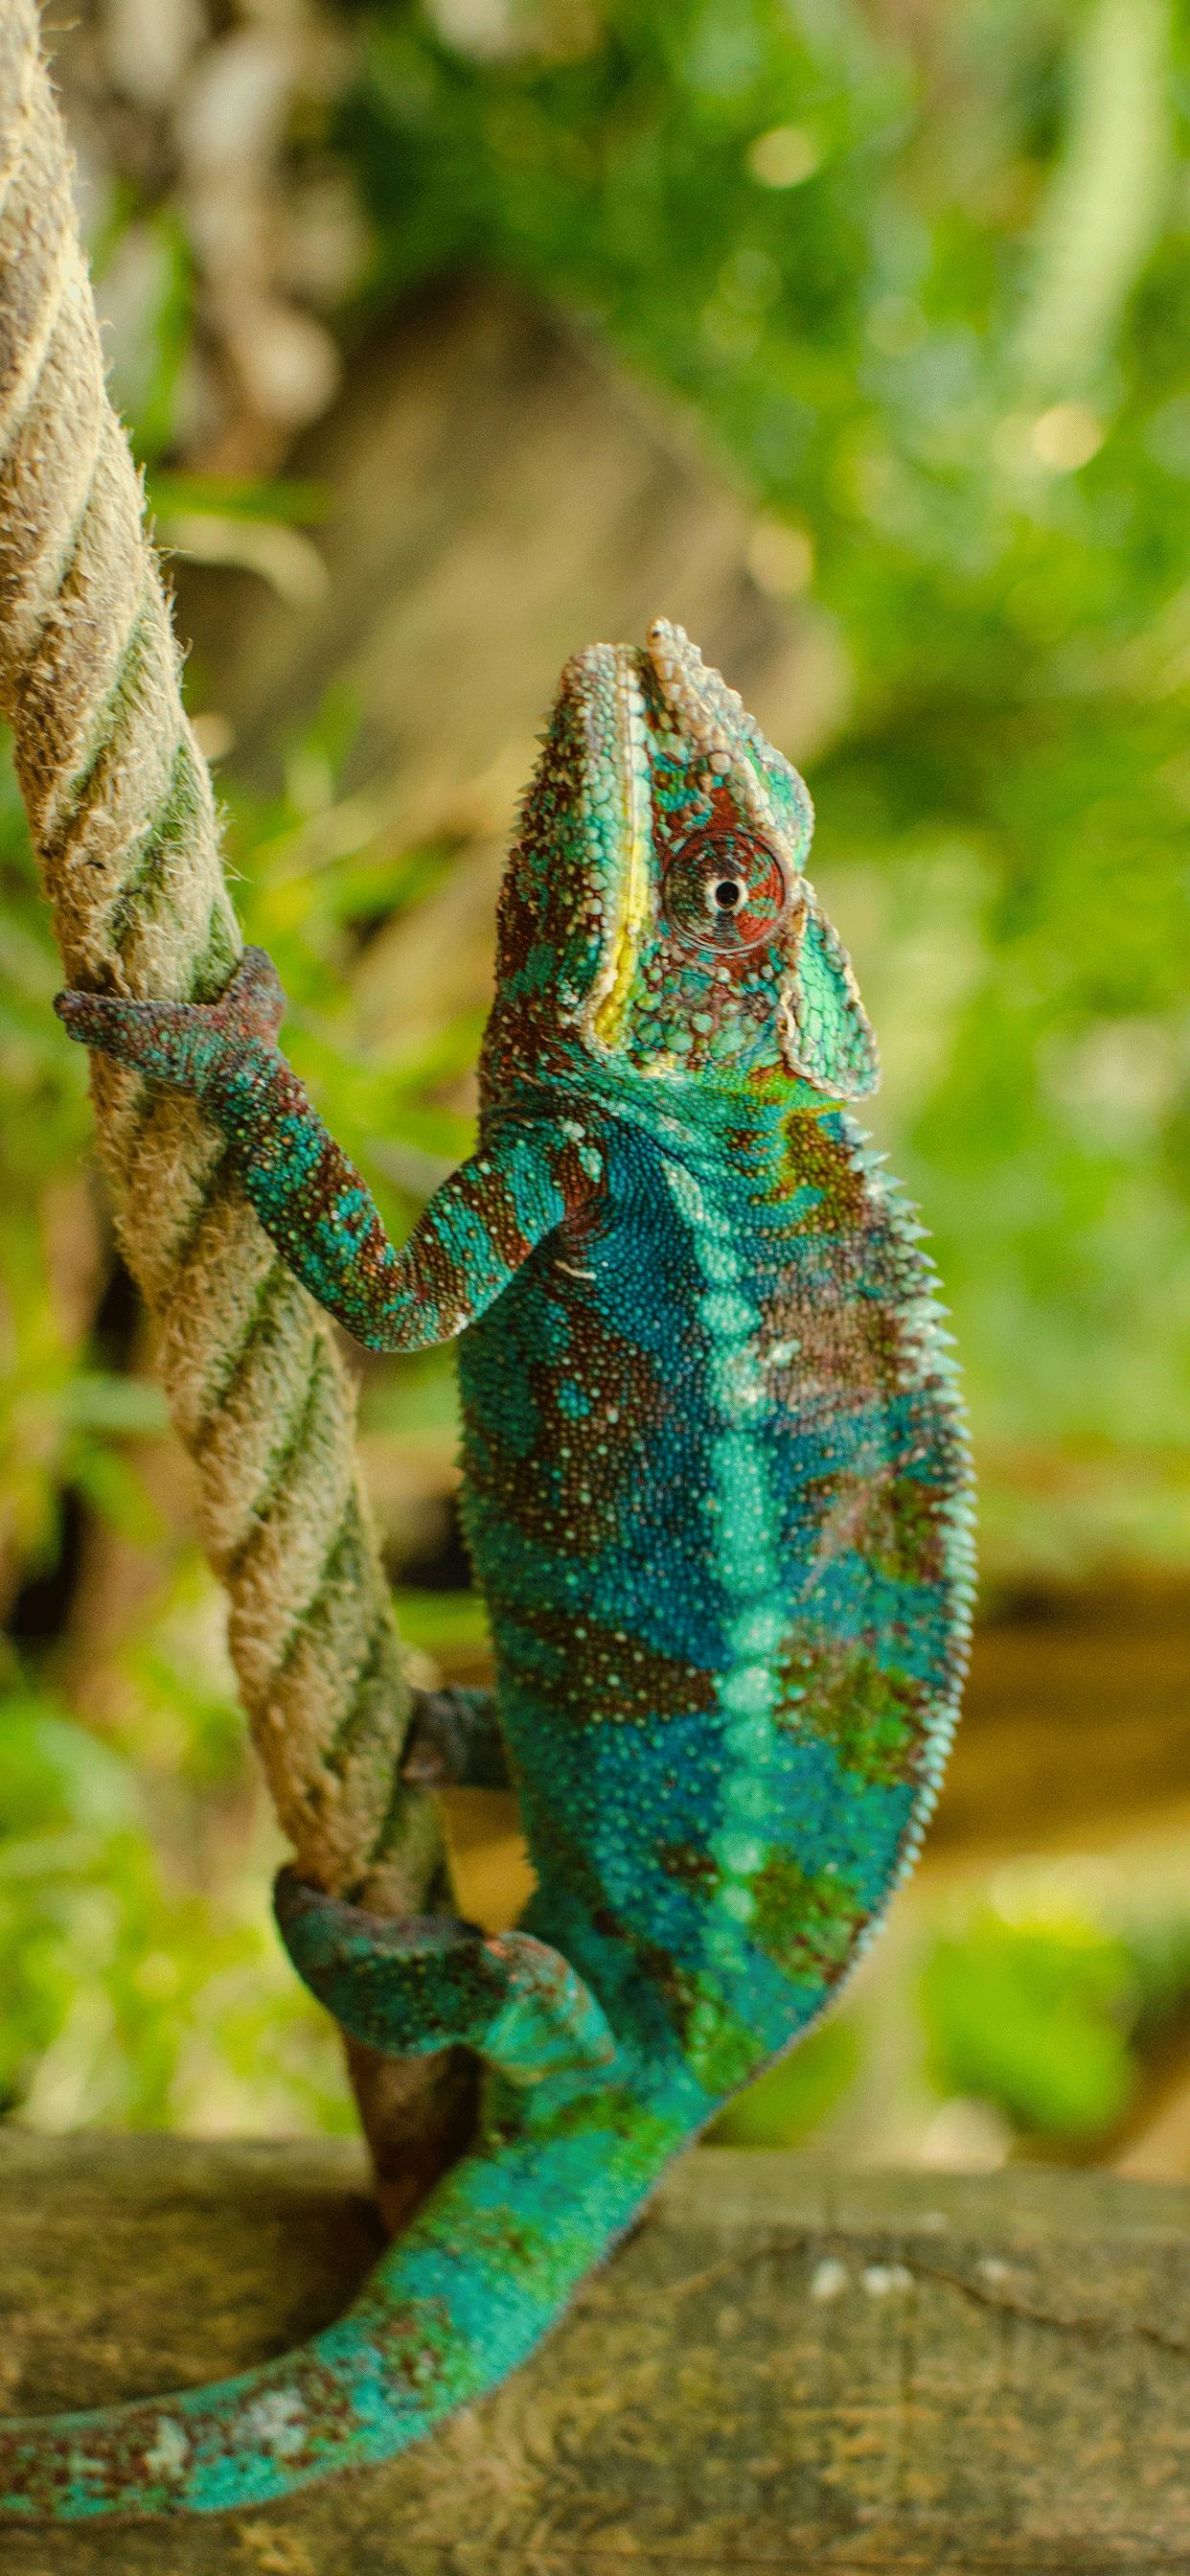 iPhone wallpaper chameleon rope colors Chameleon